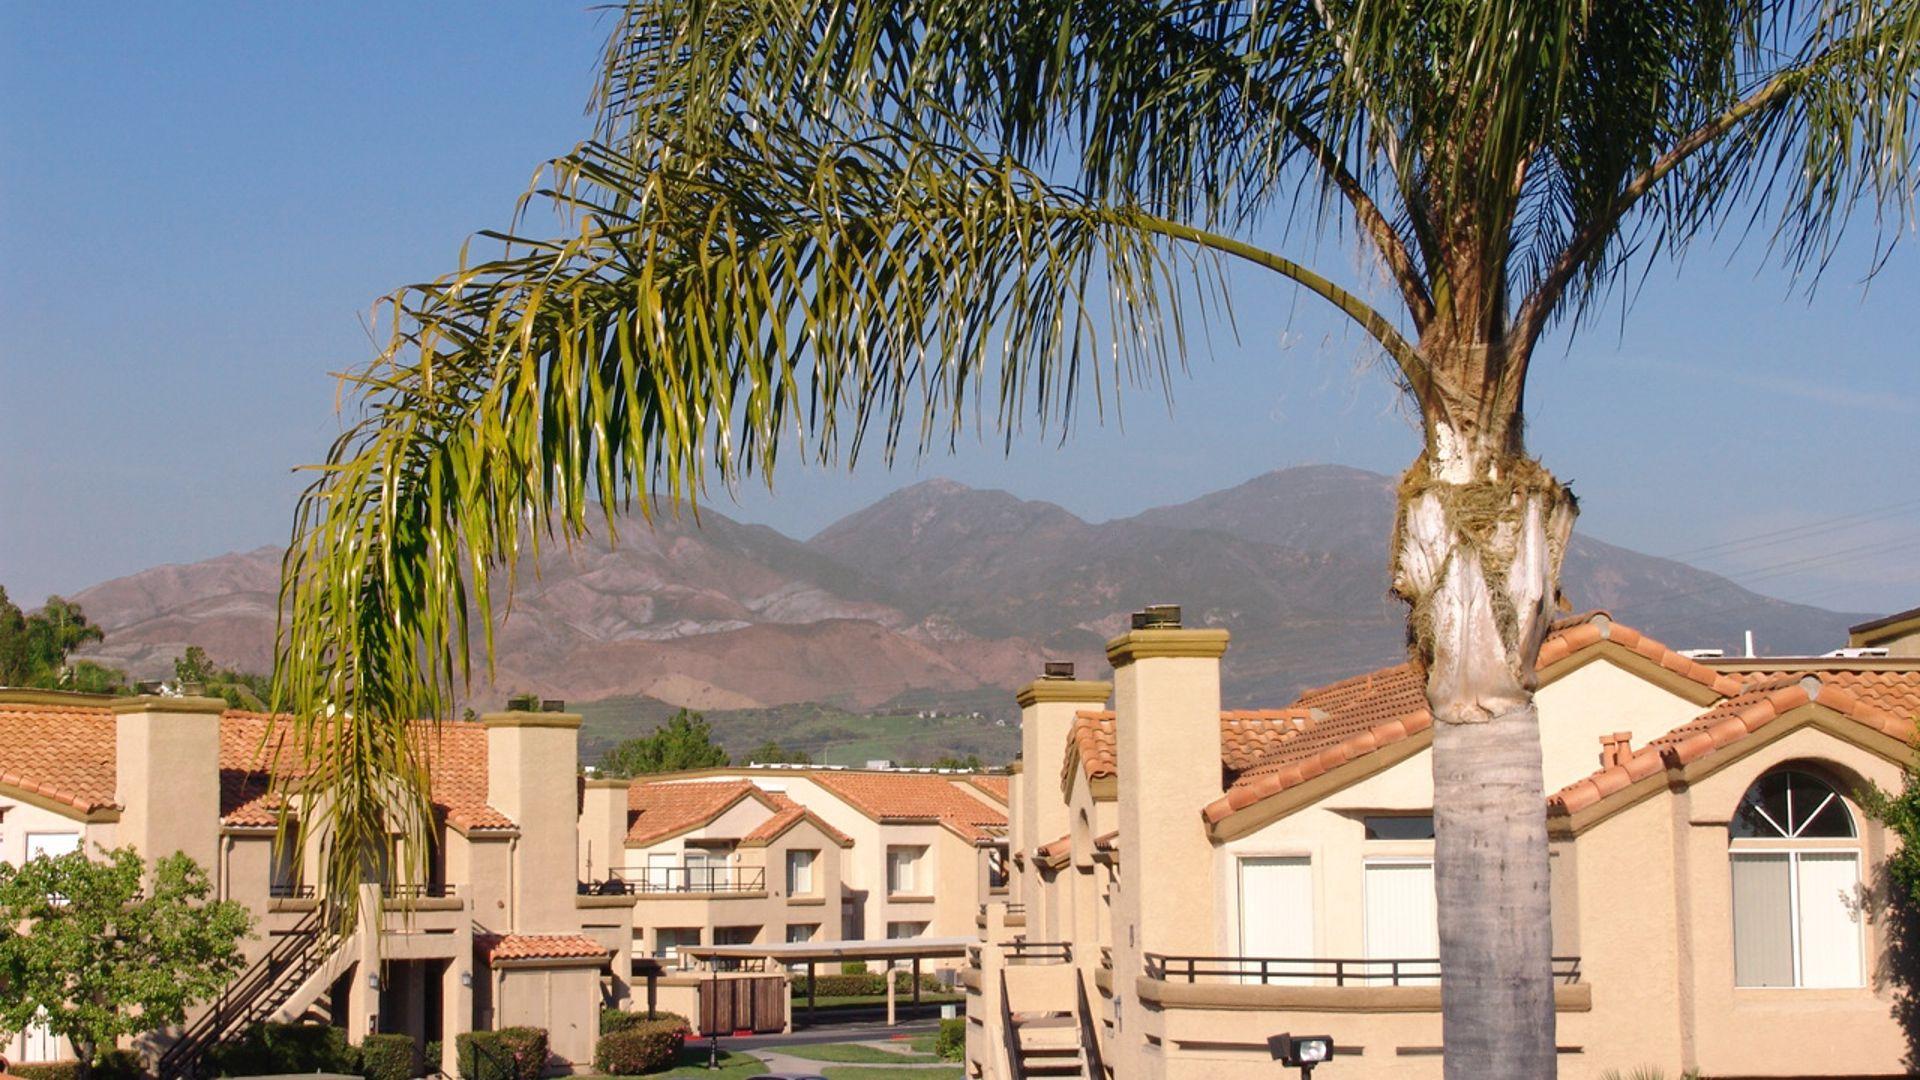 Vista Del Lago Apartments - Views